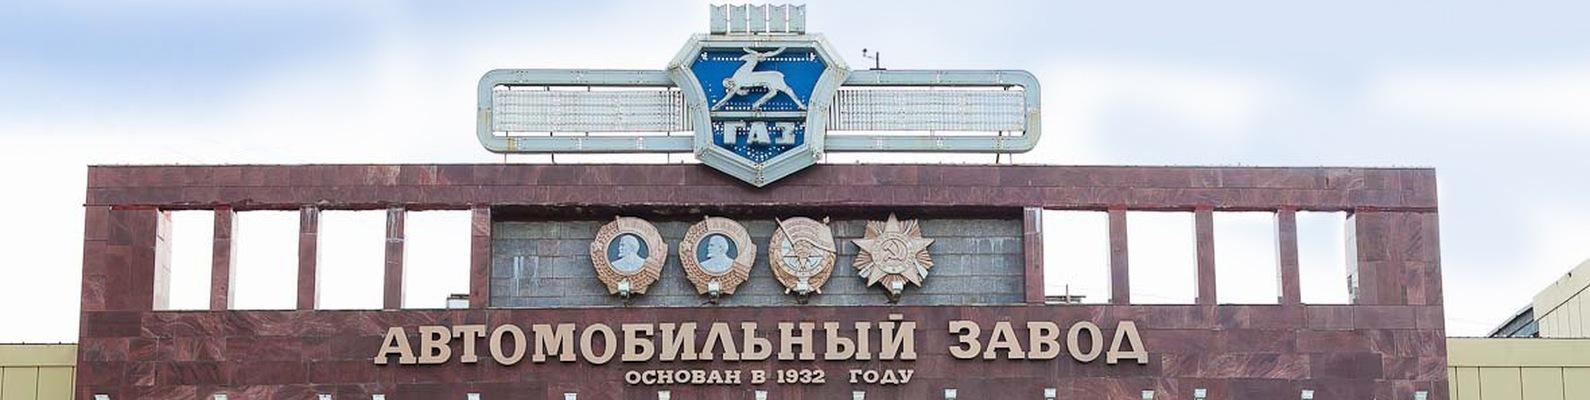 отзывы работников ооо автозавод газ проект vw/skoda